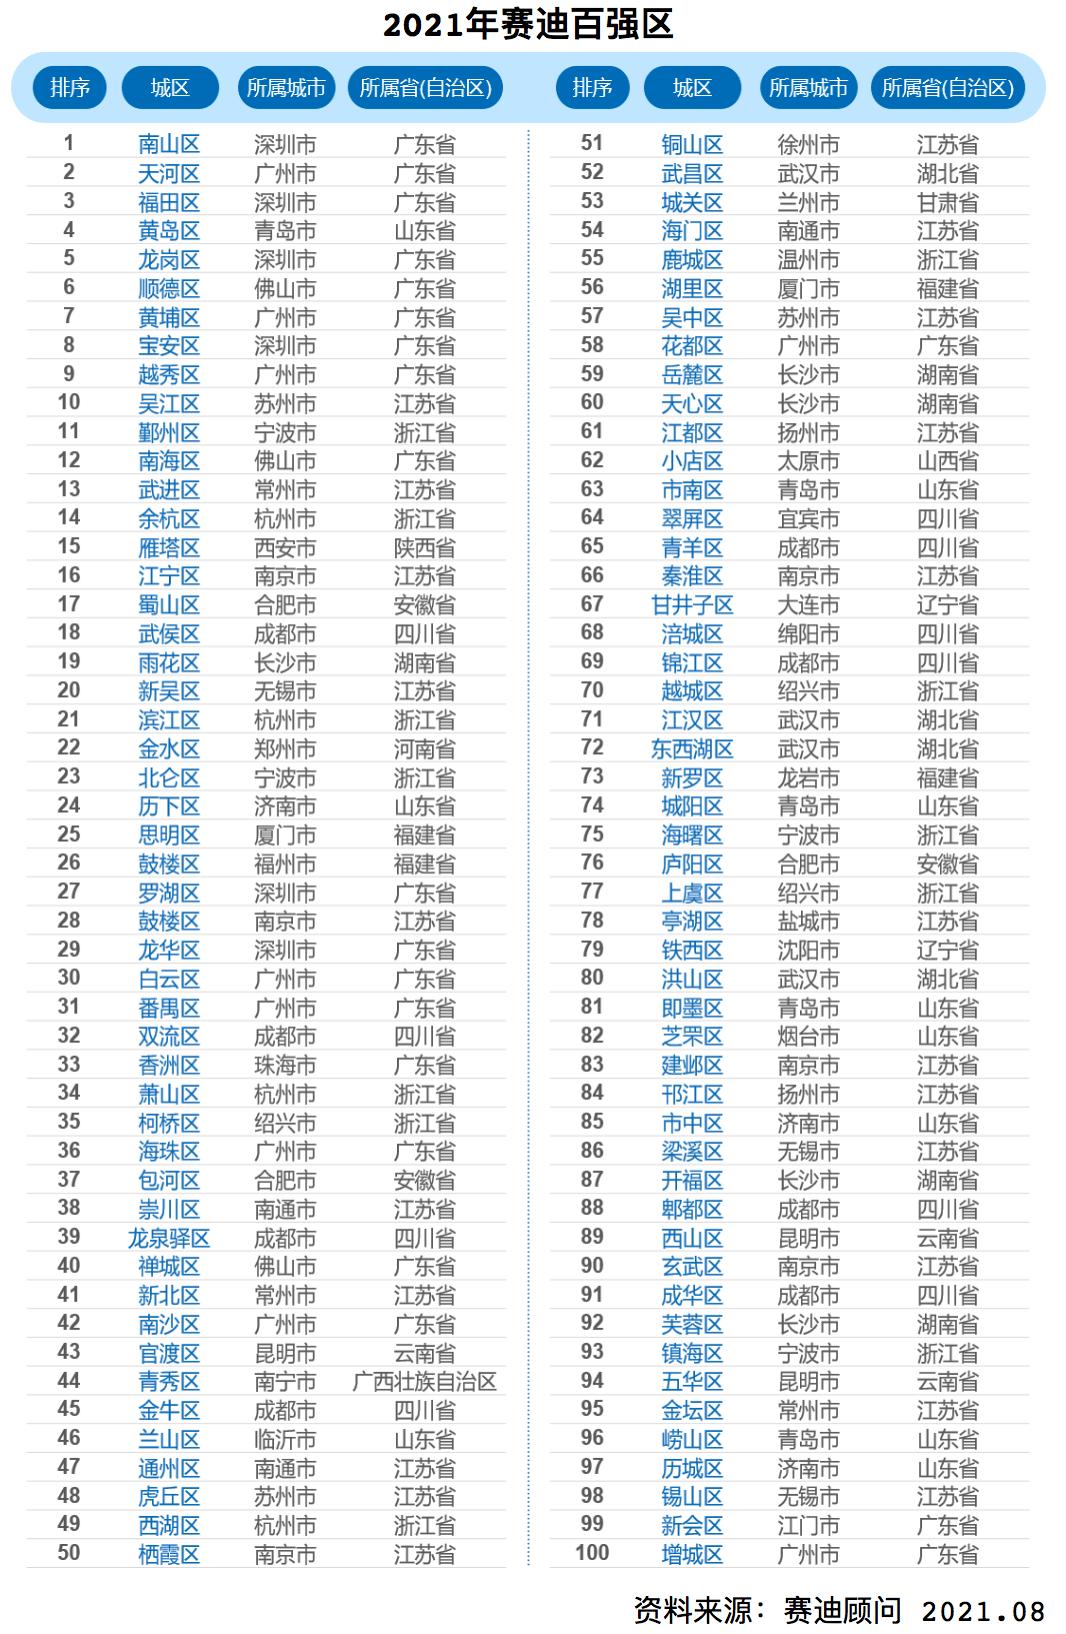 广东gdp城市排名_2021年上半年广东各城市GDP排行榜